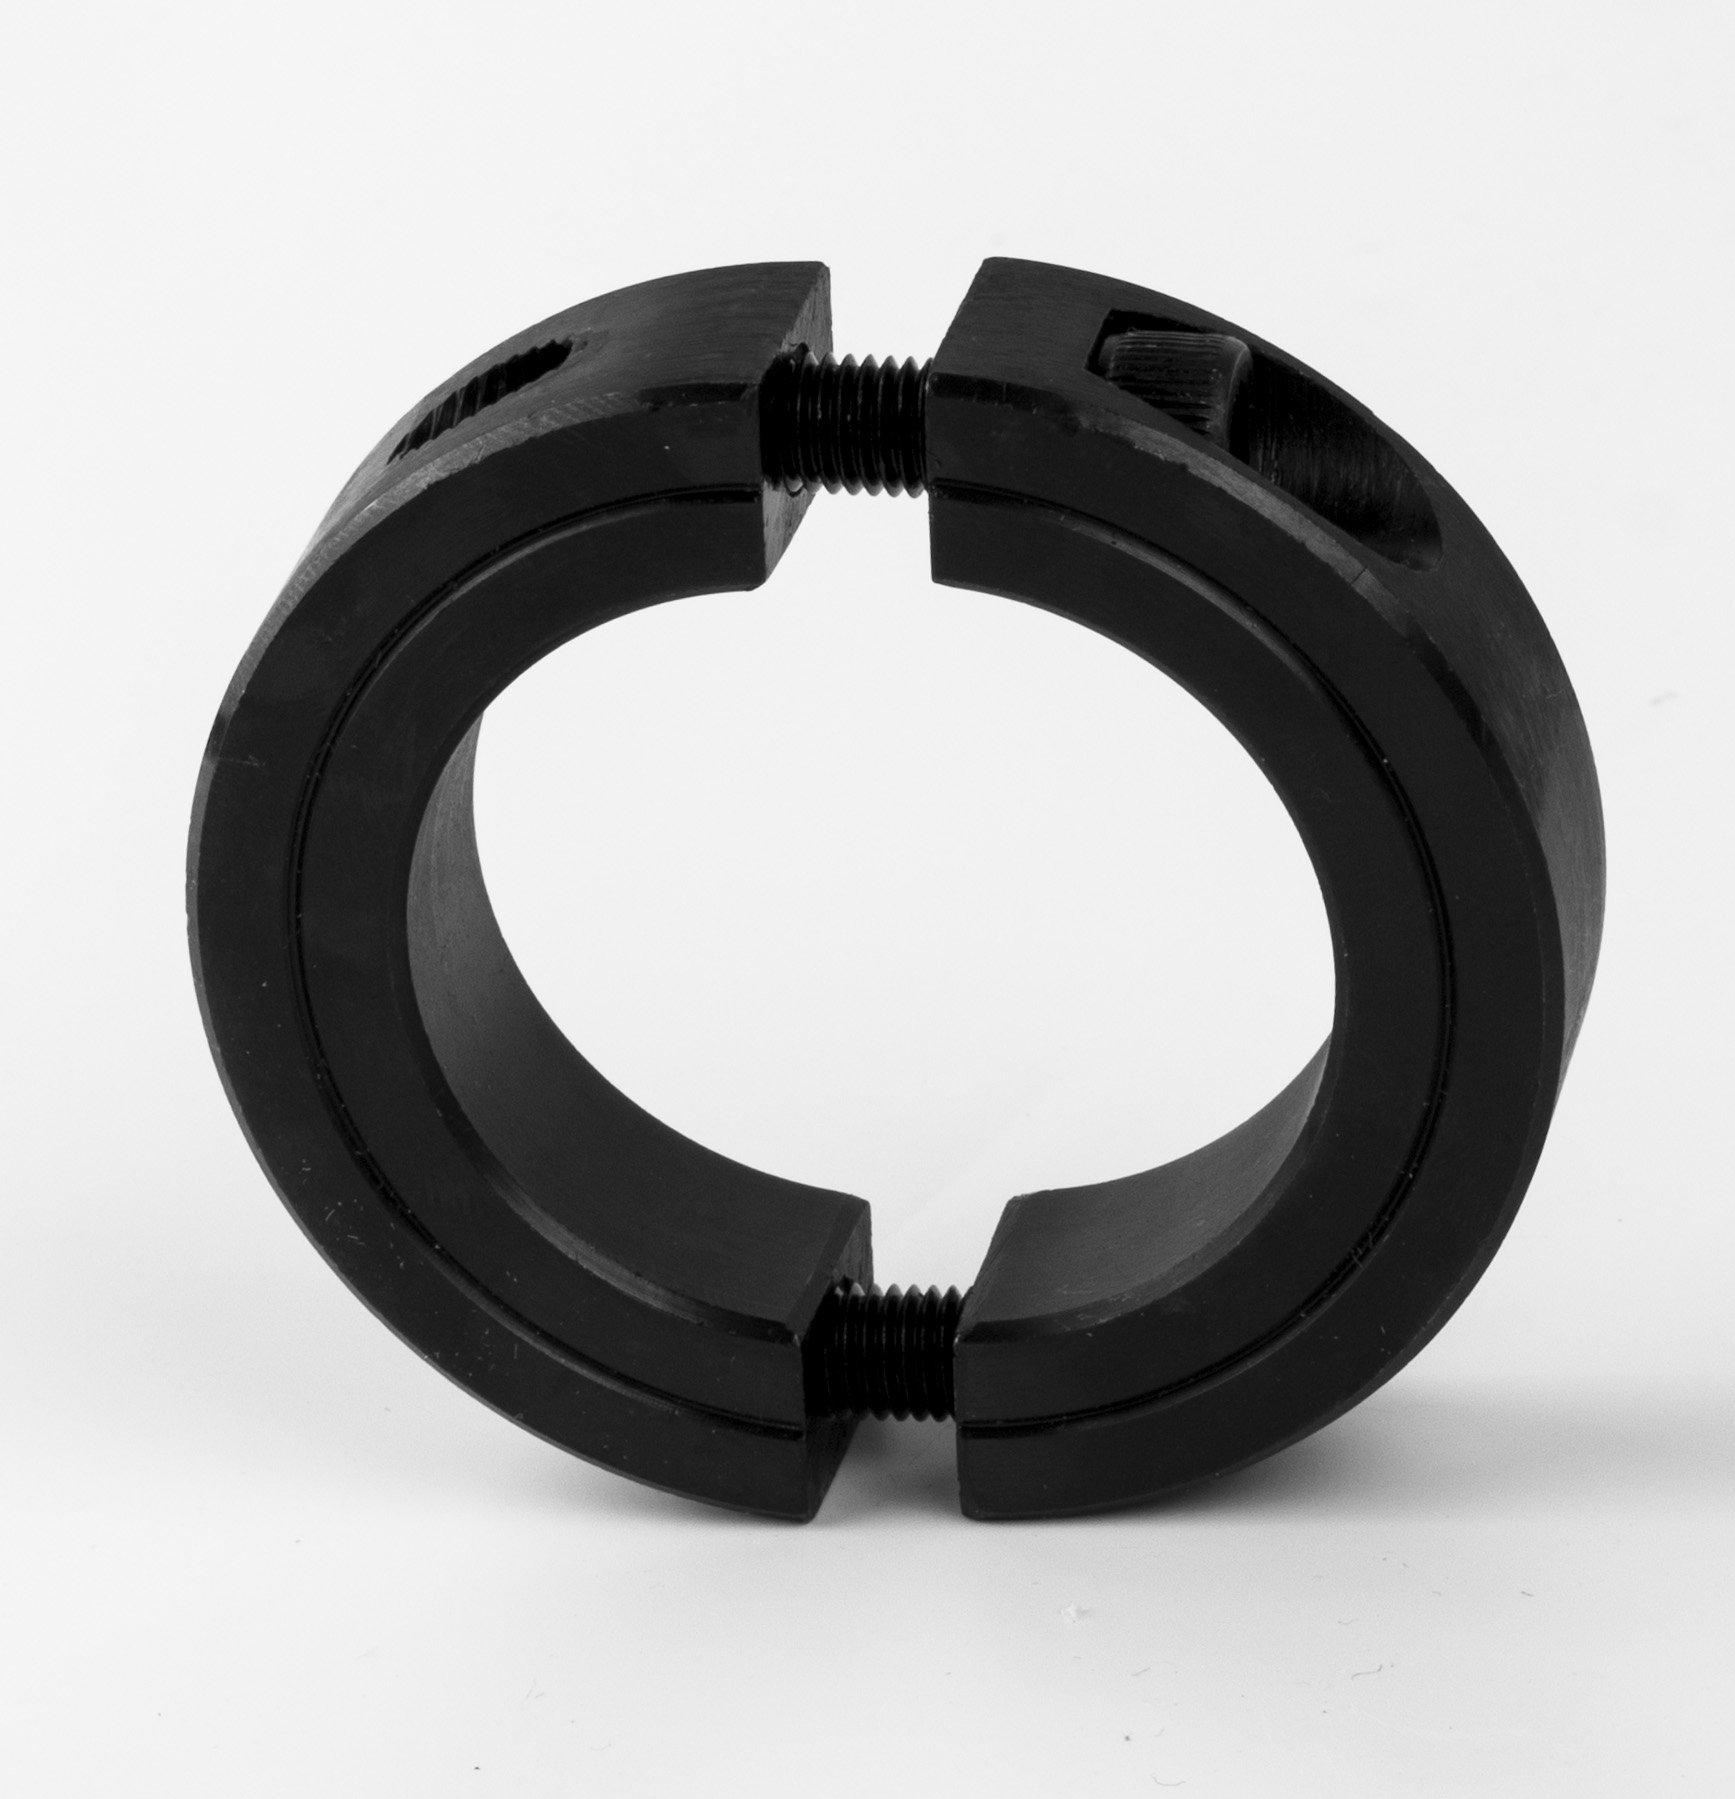 1-3/4'' Bore Double Split Shaft Collar Black Oxide Set Screw Style (2 PCS)